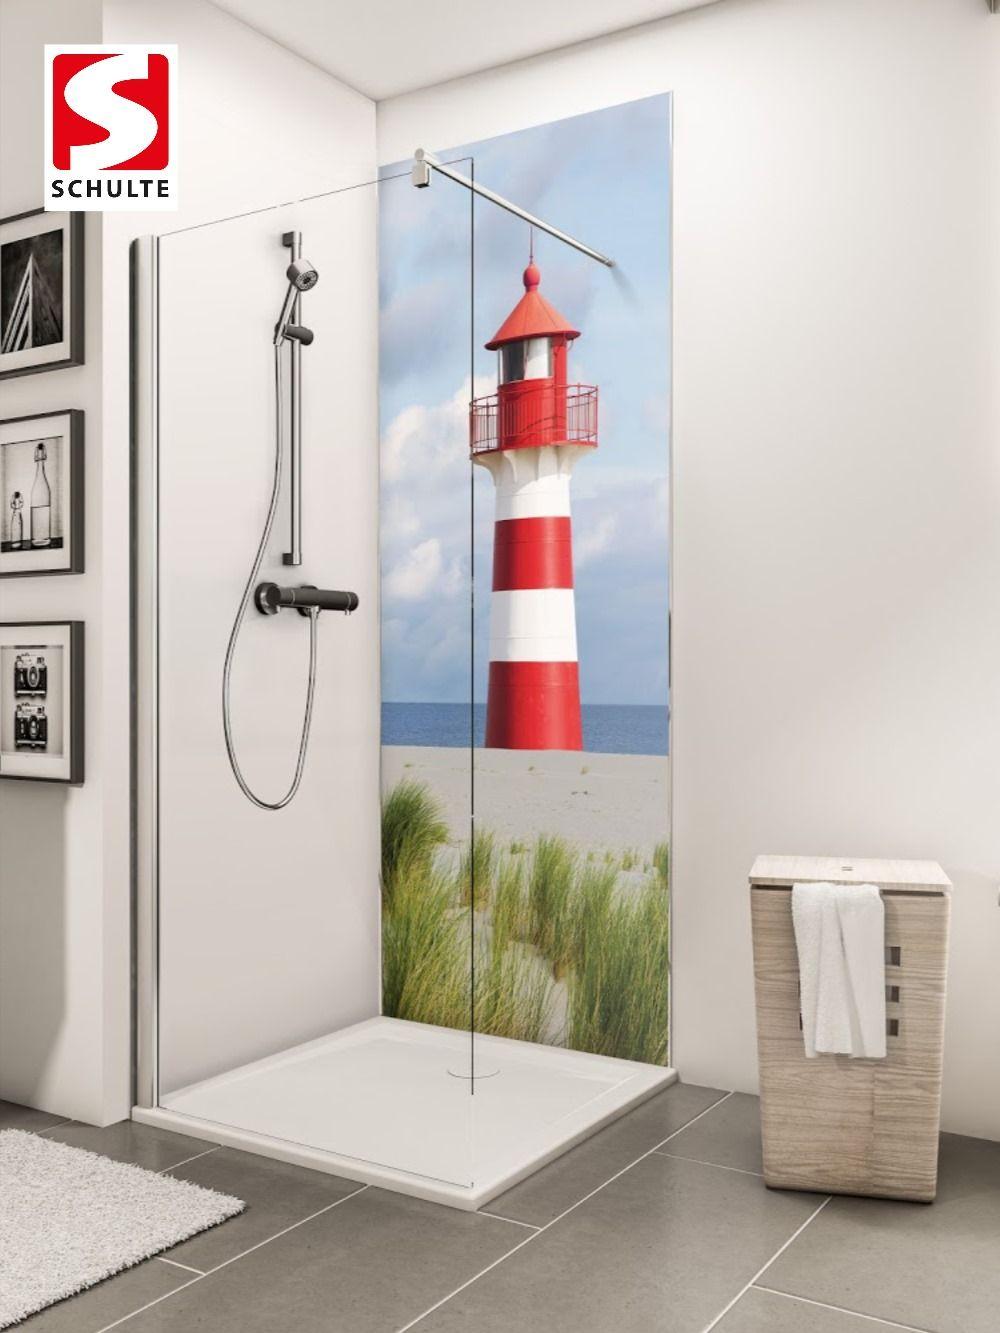 Schulte Duschruckwande Decodesign Foto Leuchtturm Paneel Wandverkleidung Fliesenersatz In 2020 Duschruckwand Dusche Wand